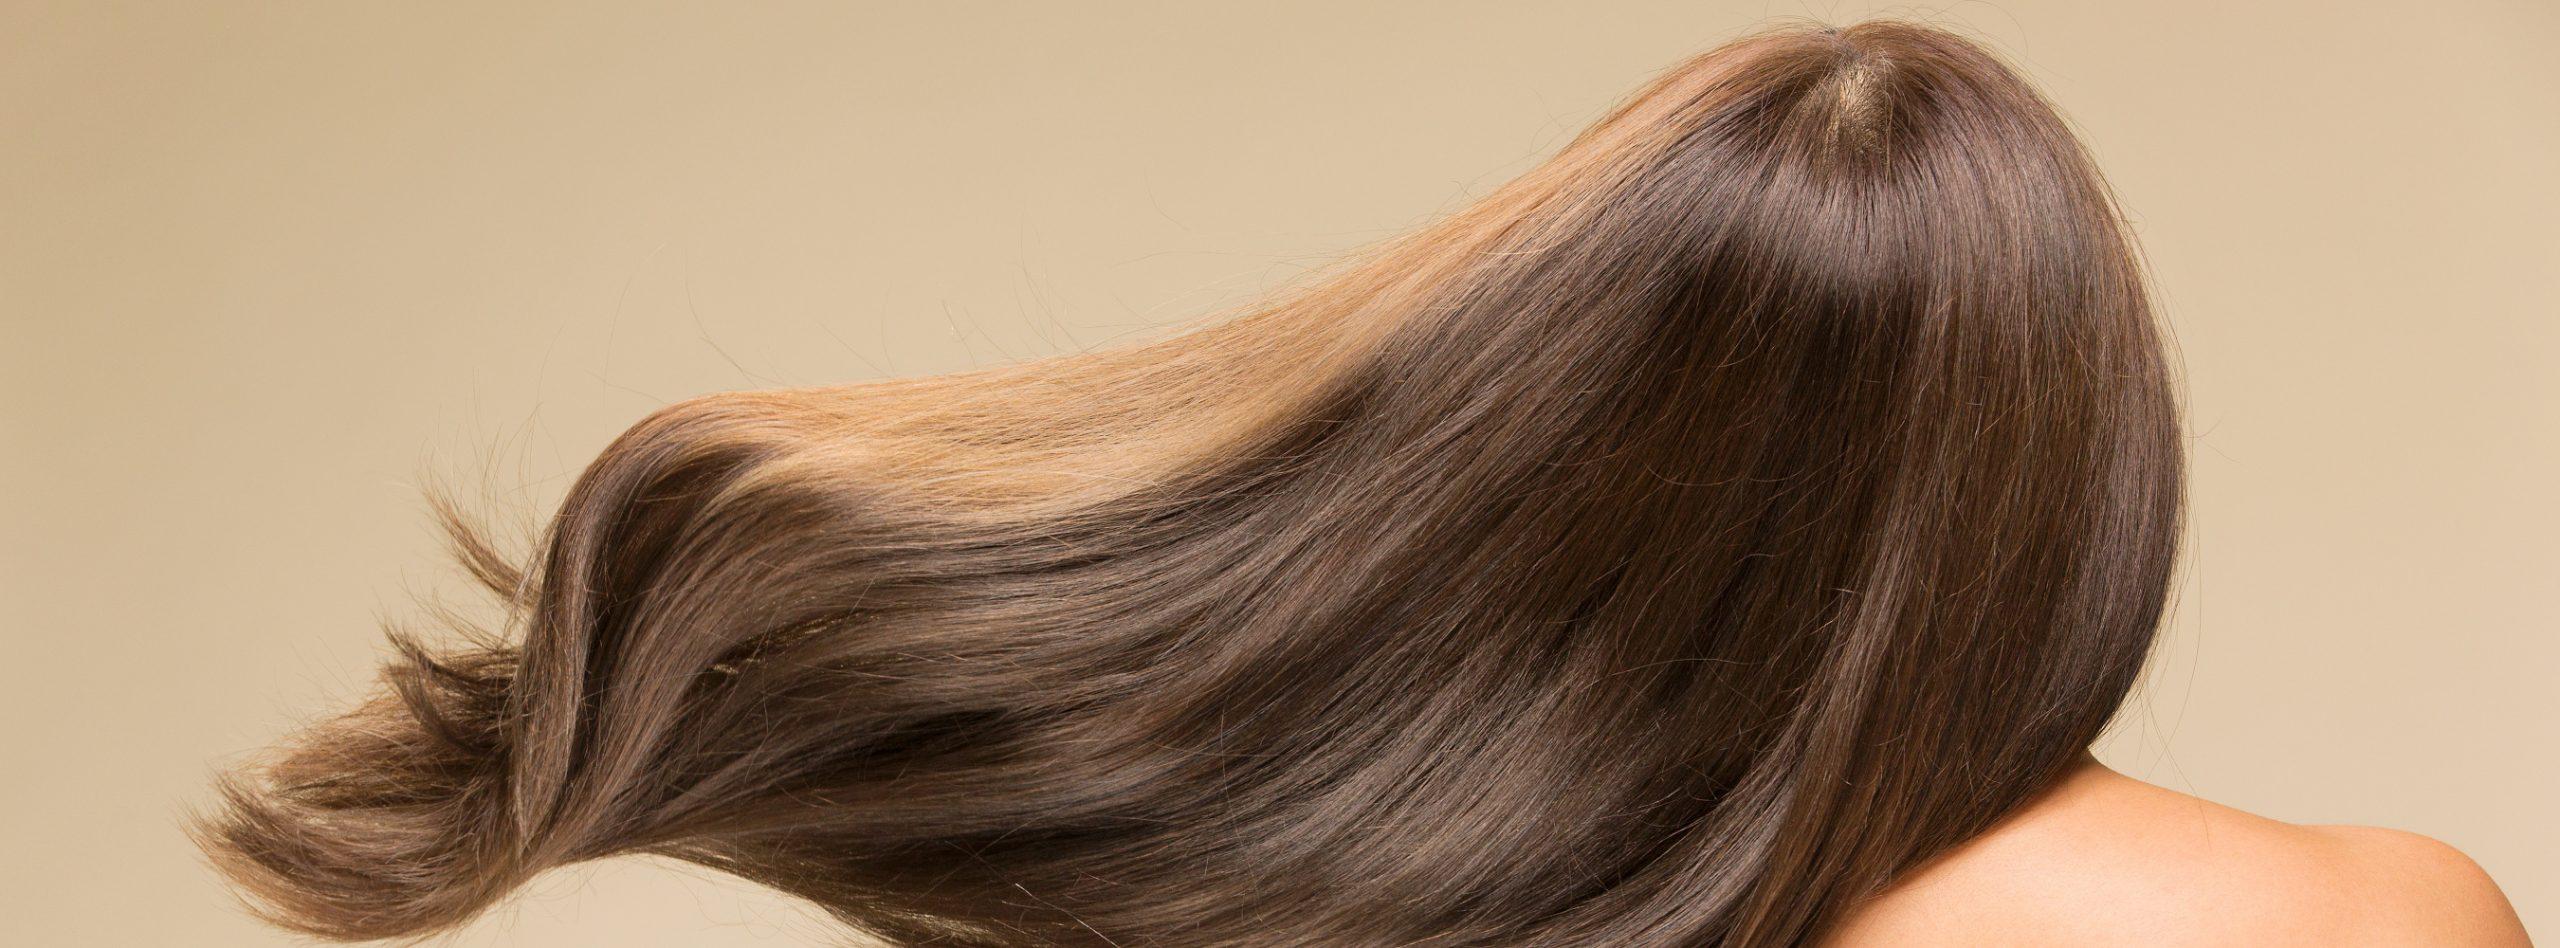 Frau mit langem, kastanienbraunen Haar